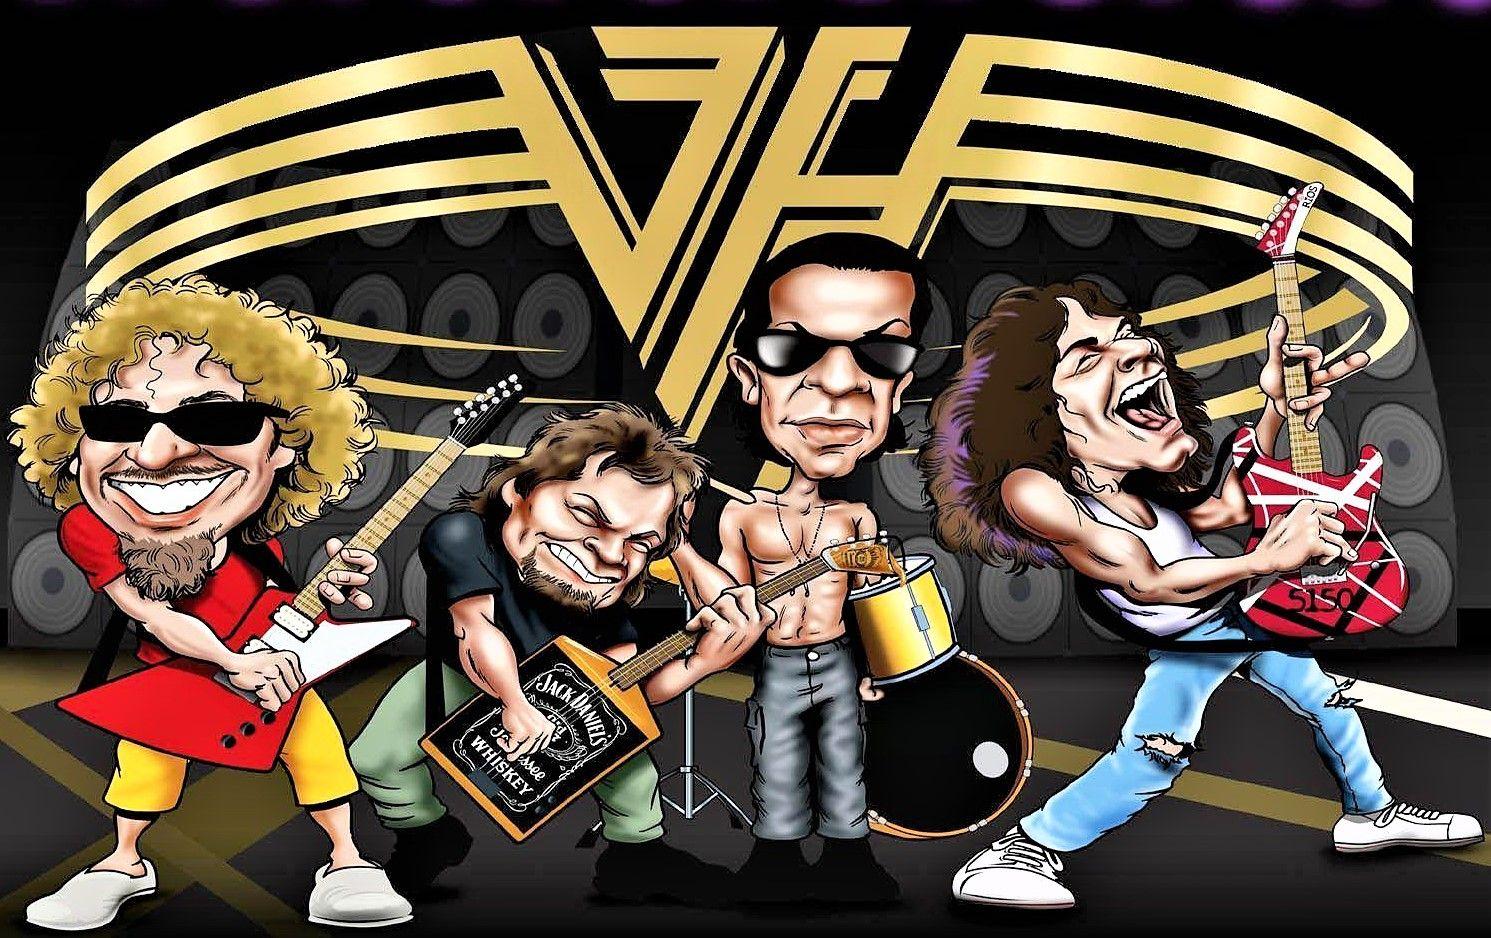 Van Halen Van Halen Caricature Eddie Van Halen